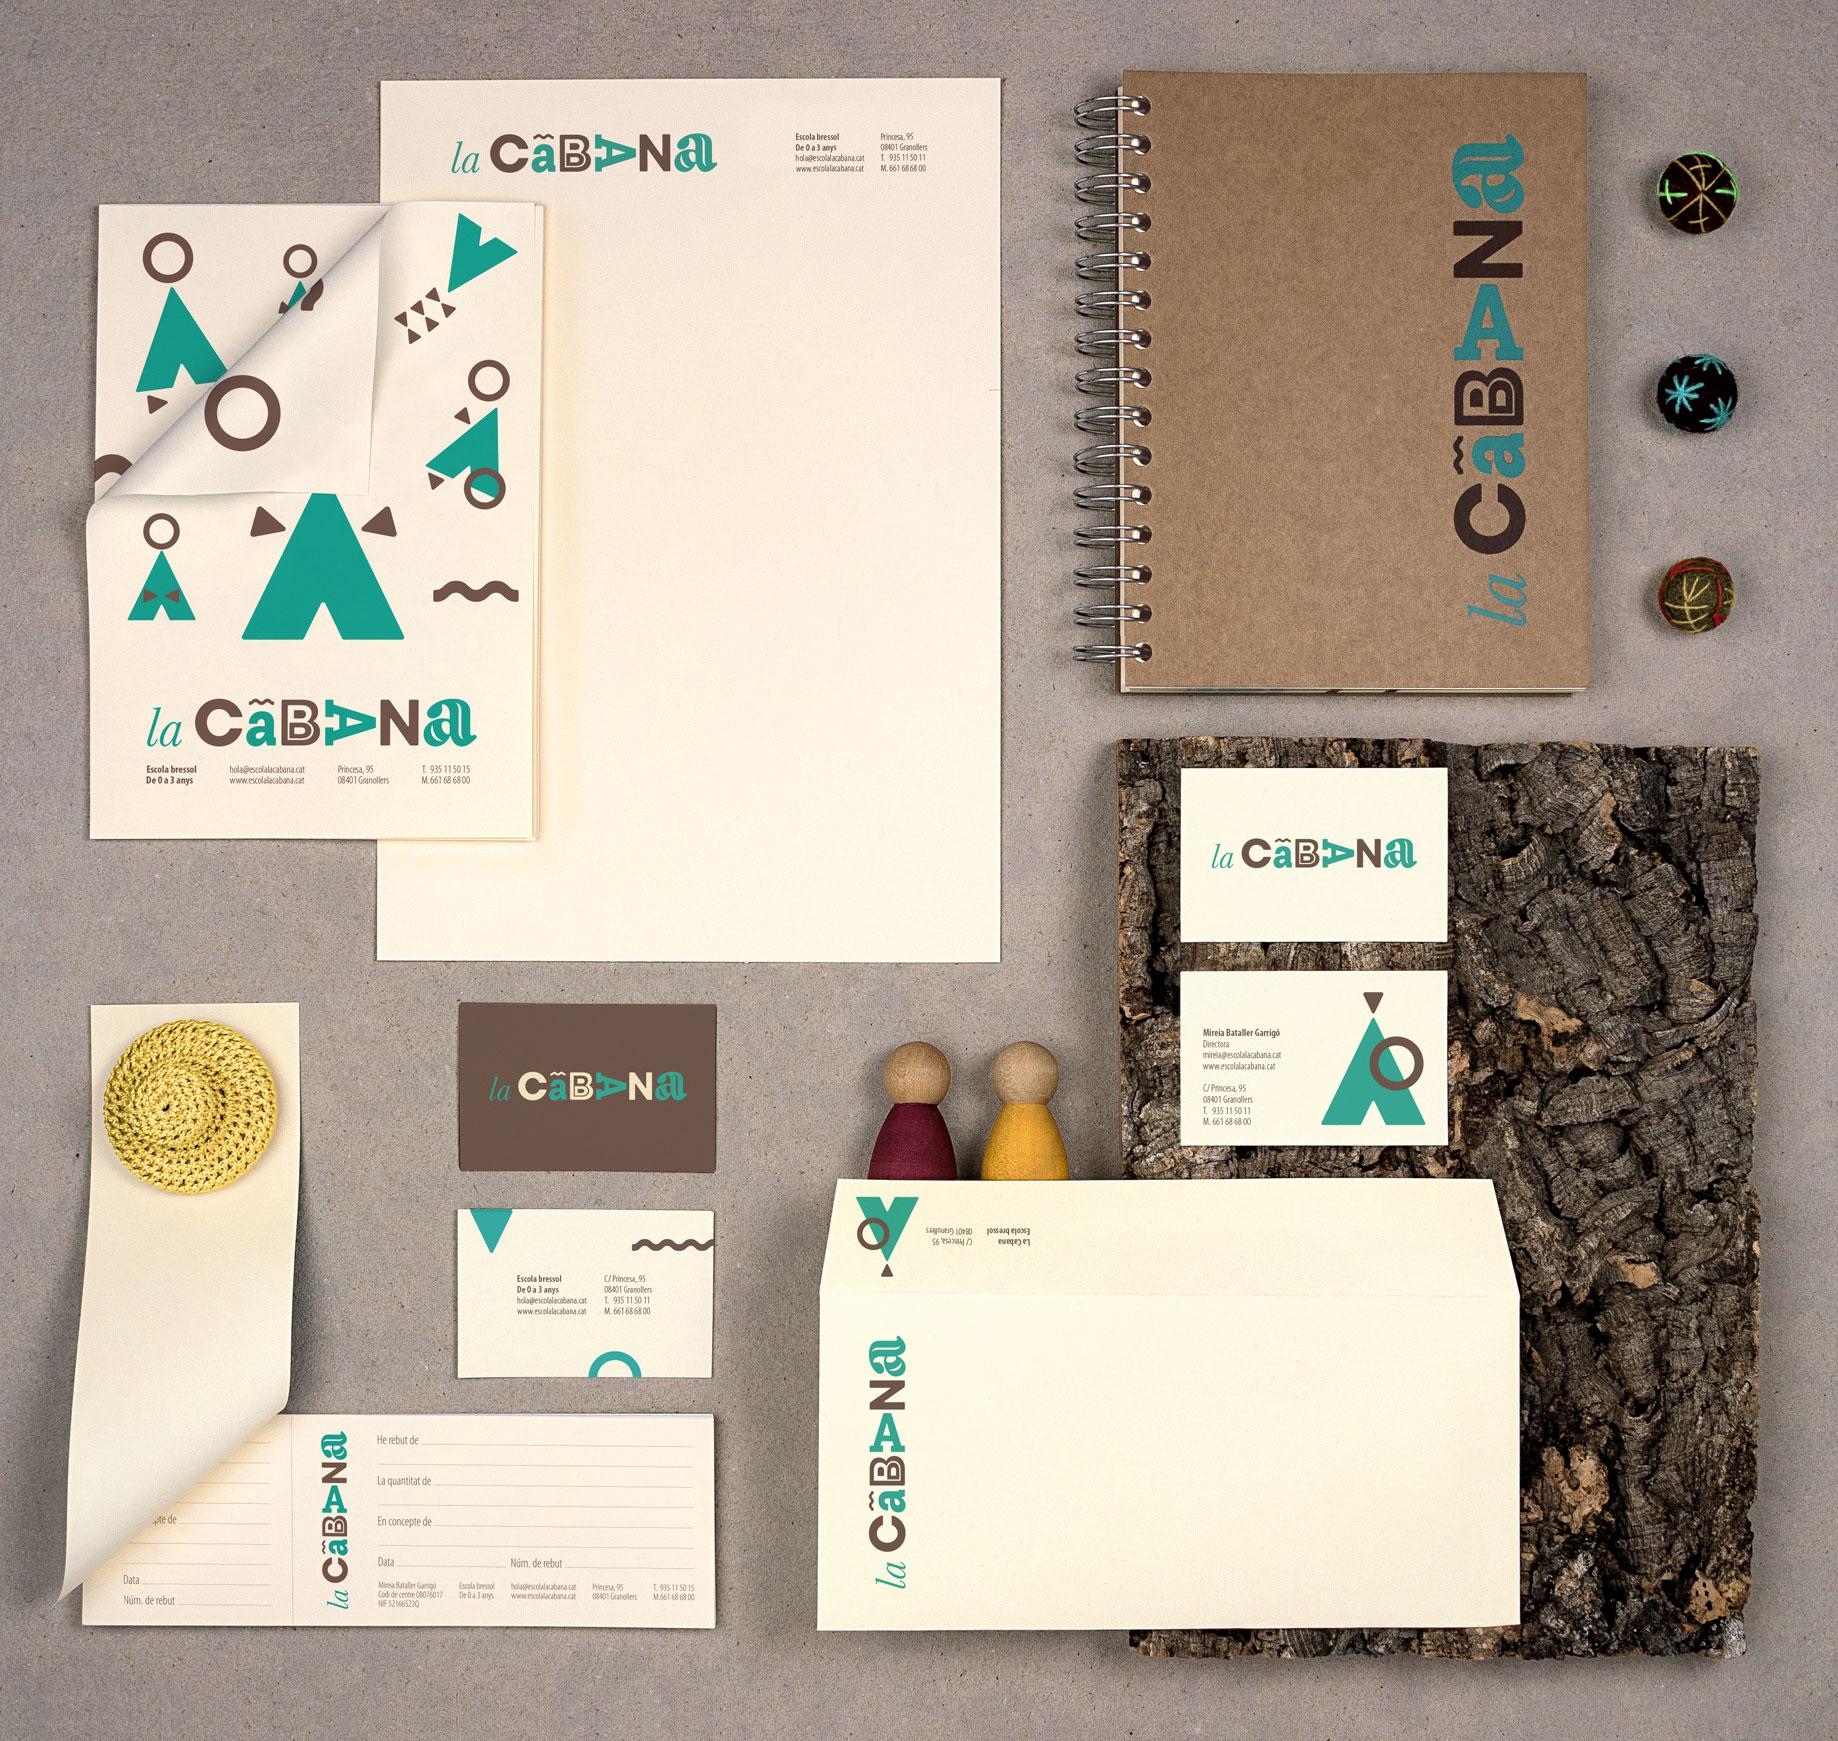 La Cabana escola bressol branding disseny de logo identitat visual corporativa senyalètica papereria Vibranding